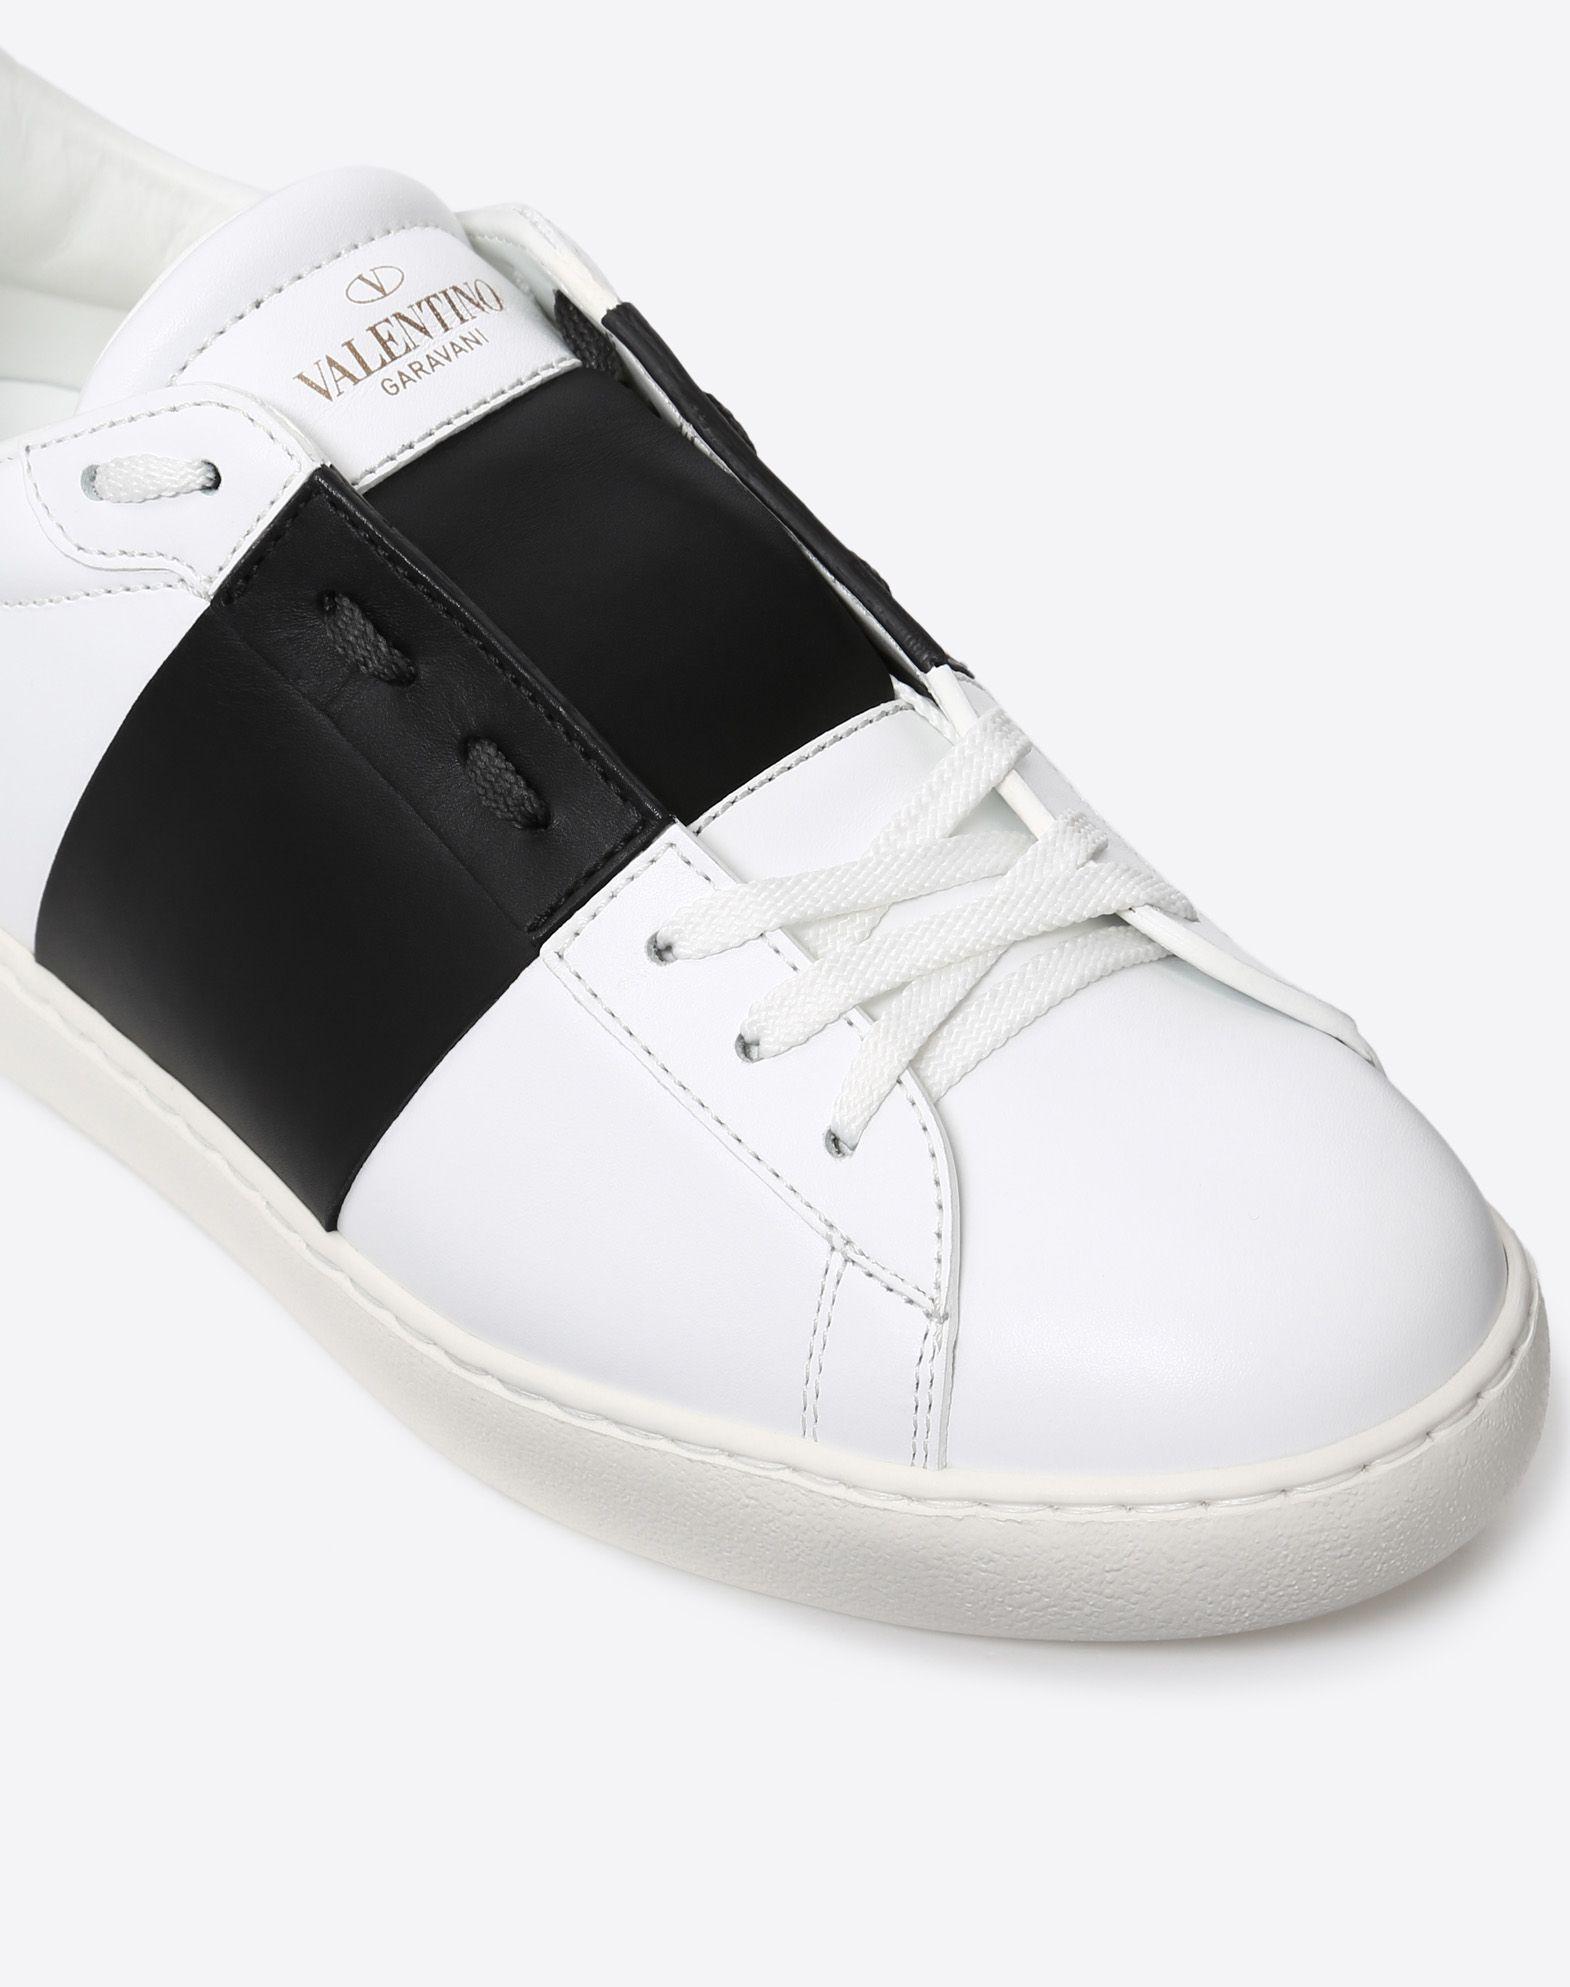 VALENTINO GARAVANI UOMO Open low-top sneaker  ZAPATO PLANO U b